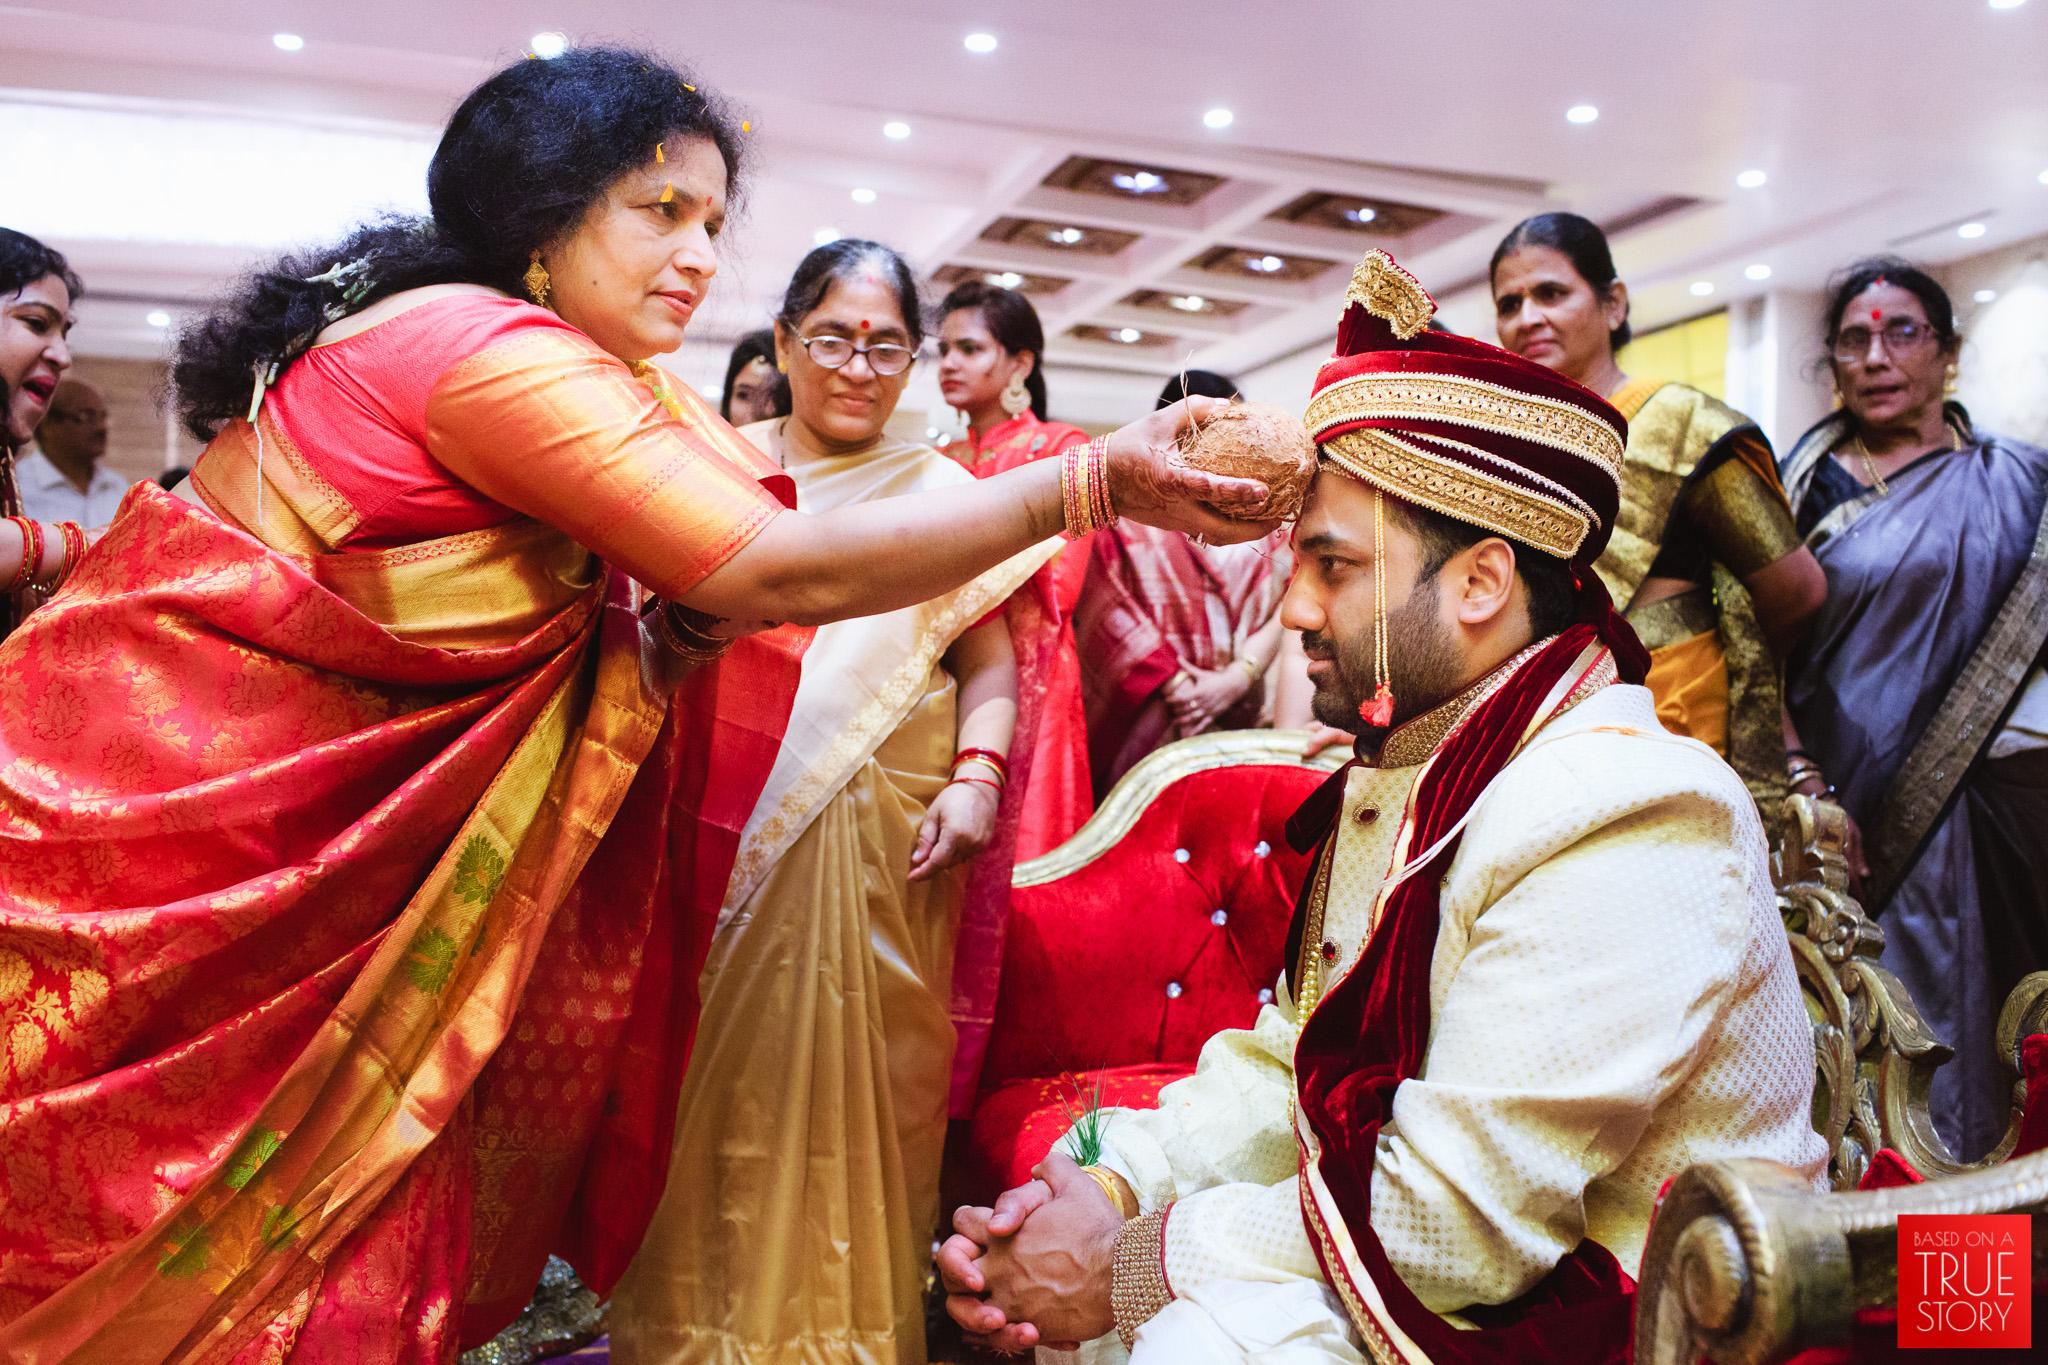 candid-wedding-photography-bhubaneswar-0088.jpg